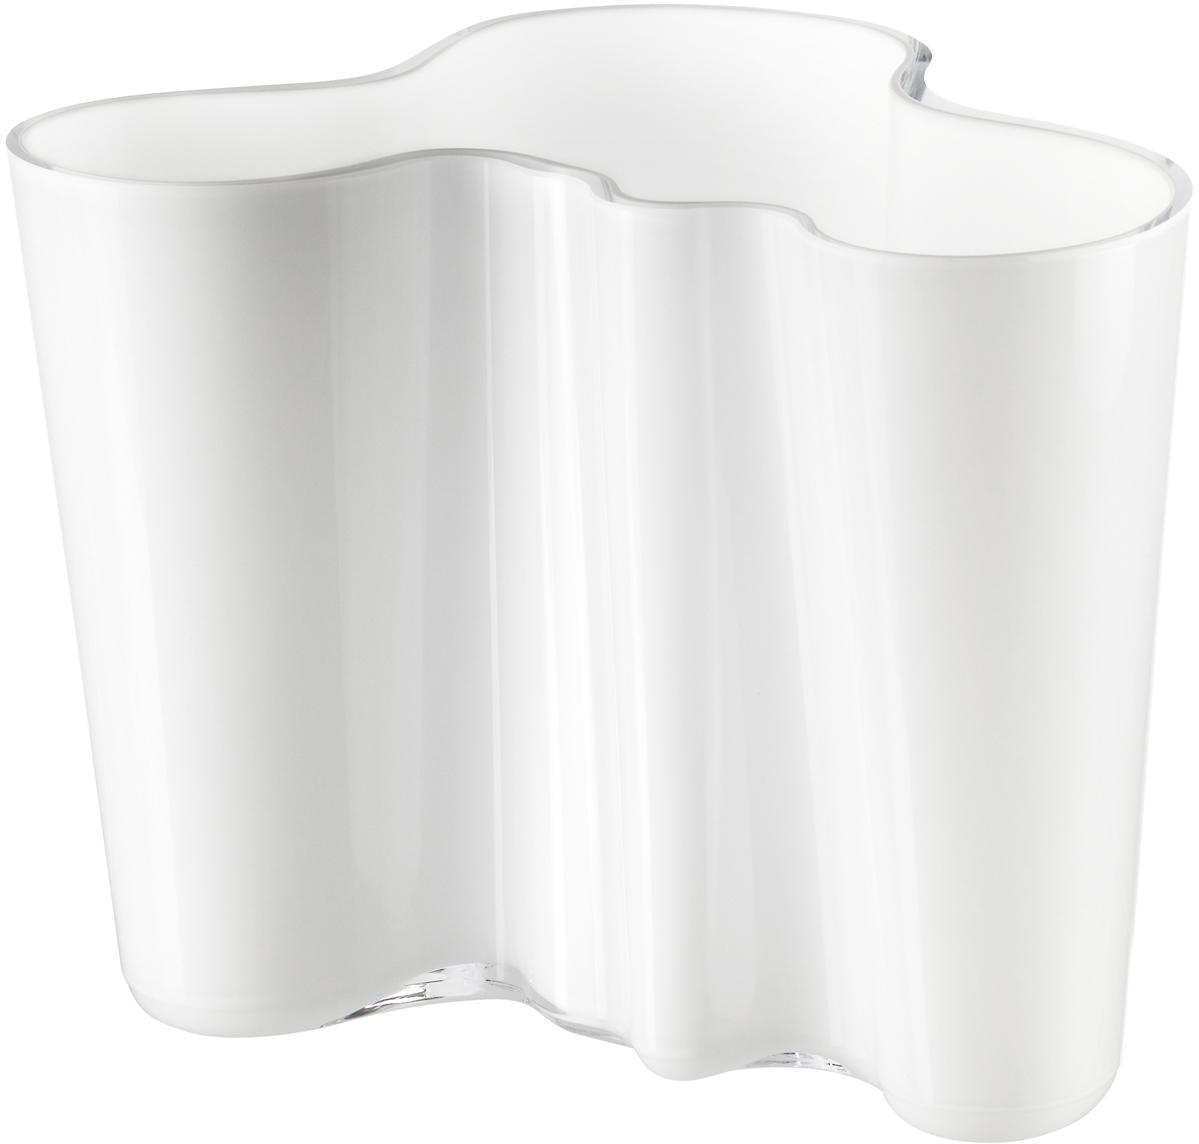 Mały wazon Alvar Aalto, Szkło, Biały, W 16 cm